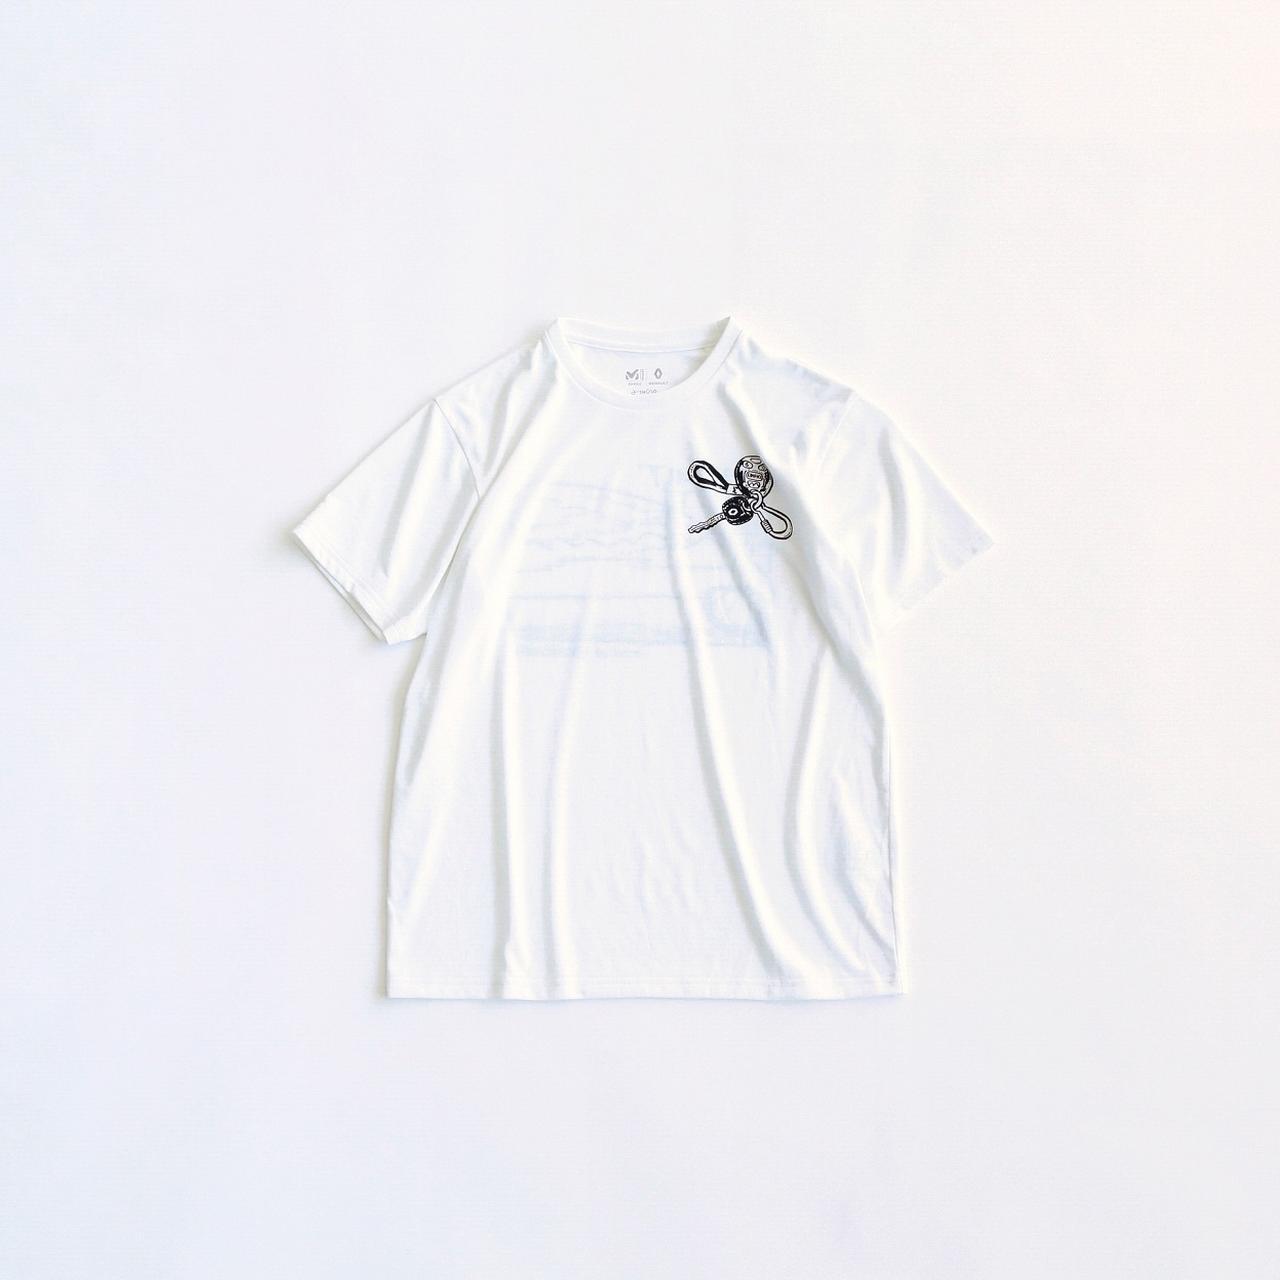 画像3: 5,900円/サイズ M、 L/カラー ホワイト